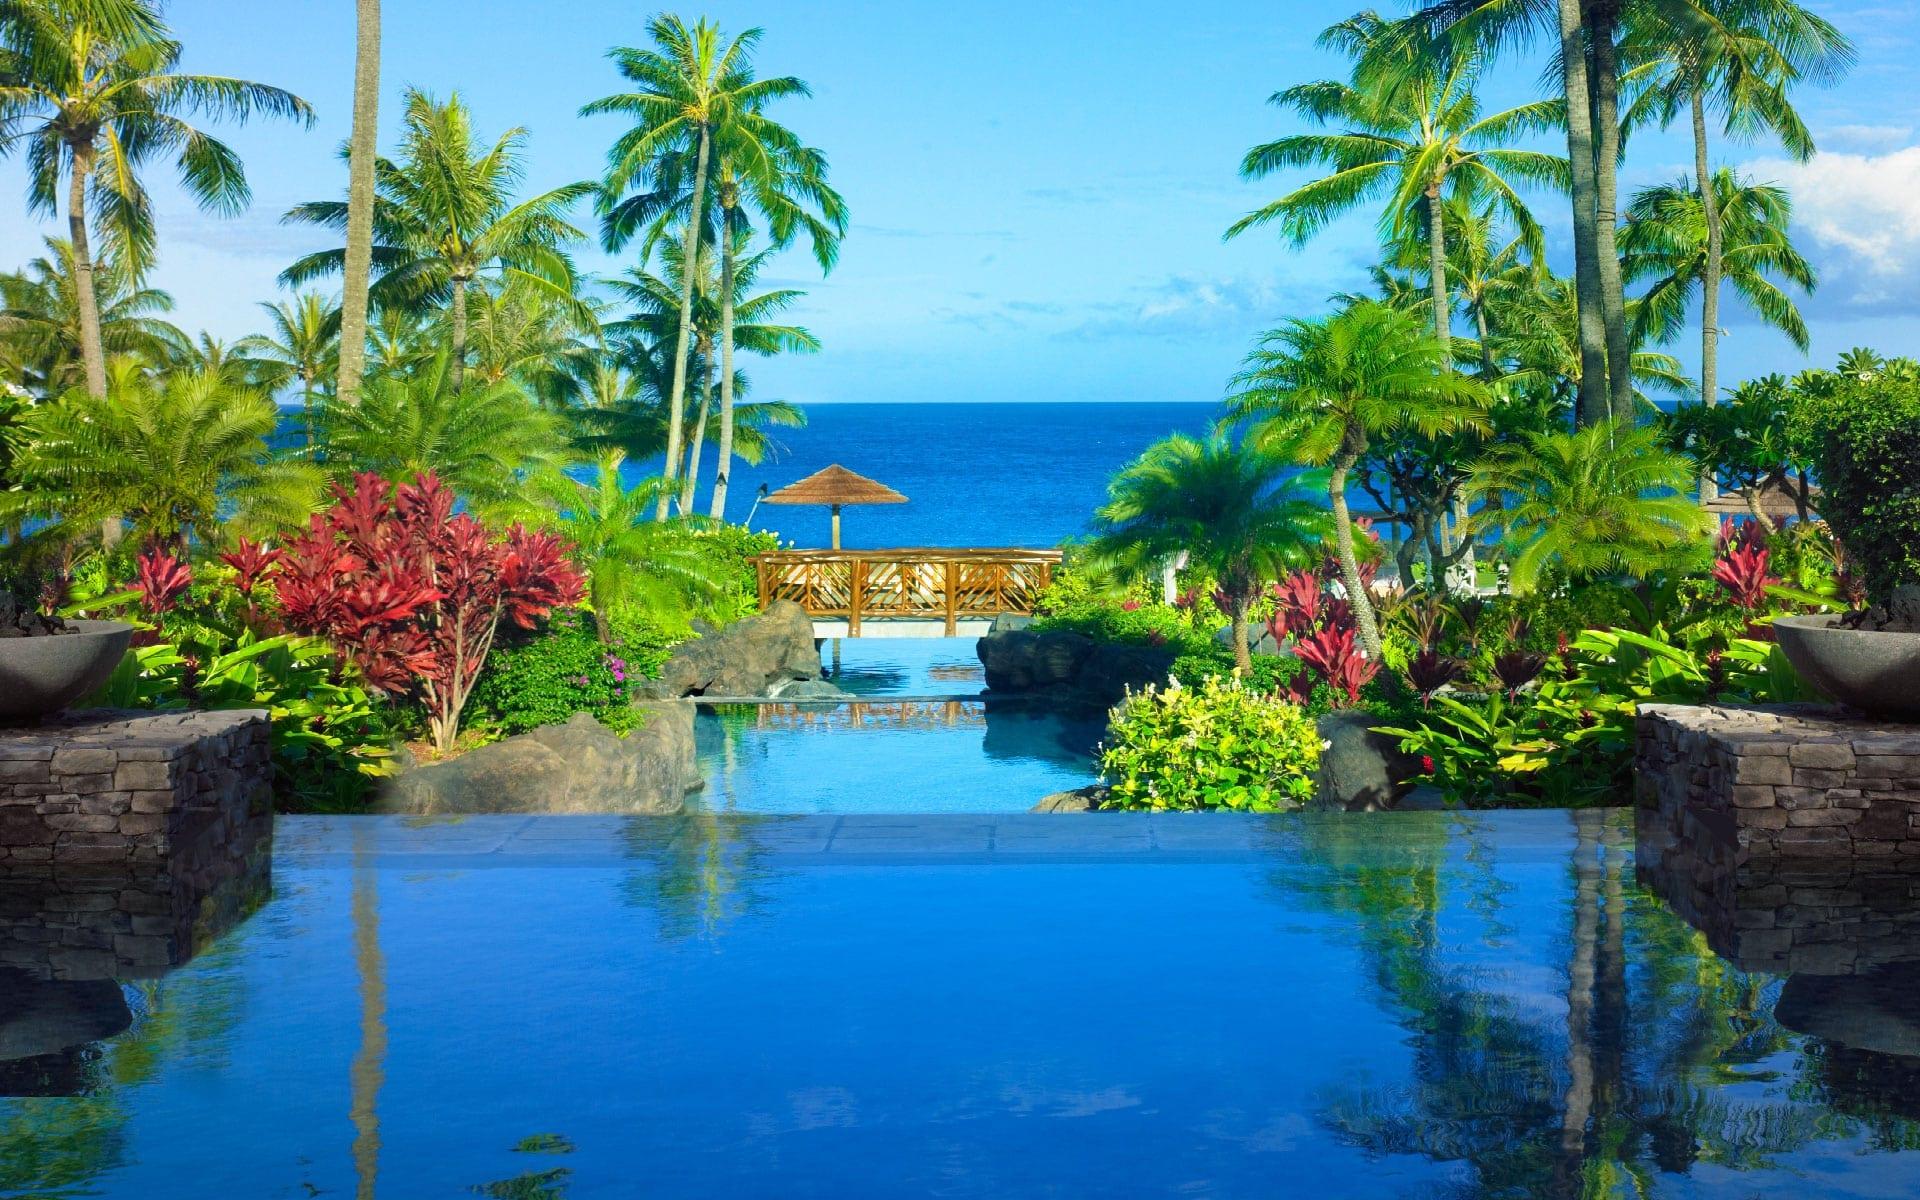 Montage Kapalua Bay Lahaina Maui Hawaii Infinity Pools